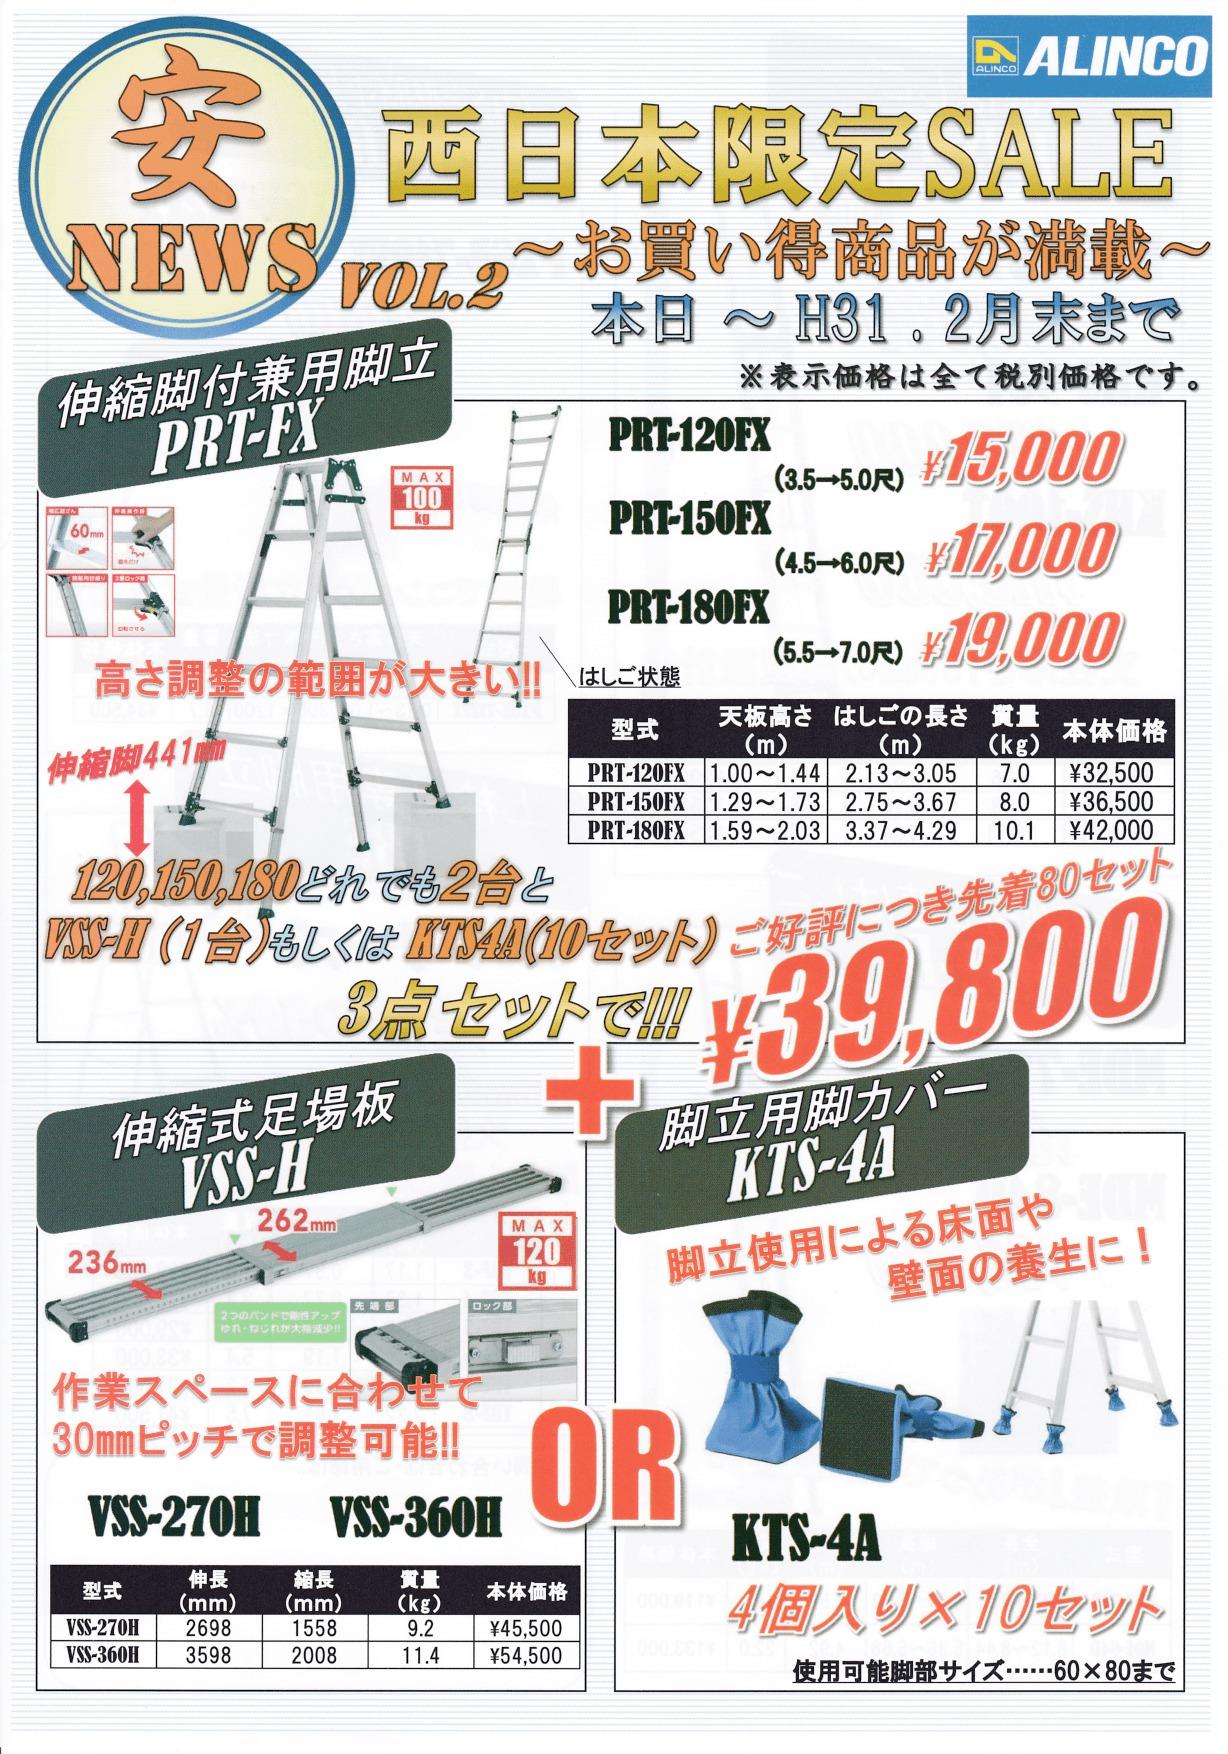 徳島のリコー塗料販売店-チラシ4-